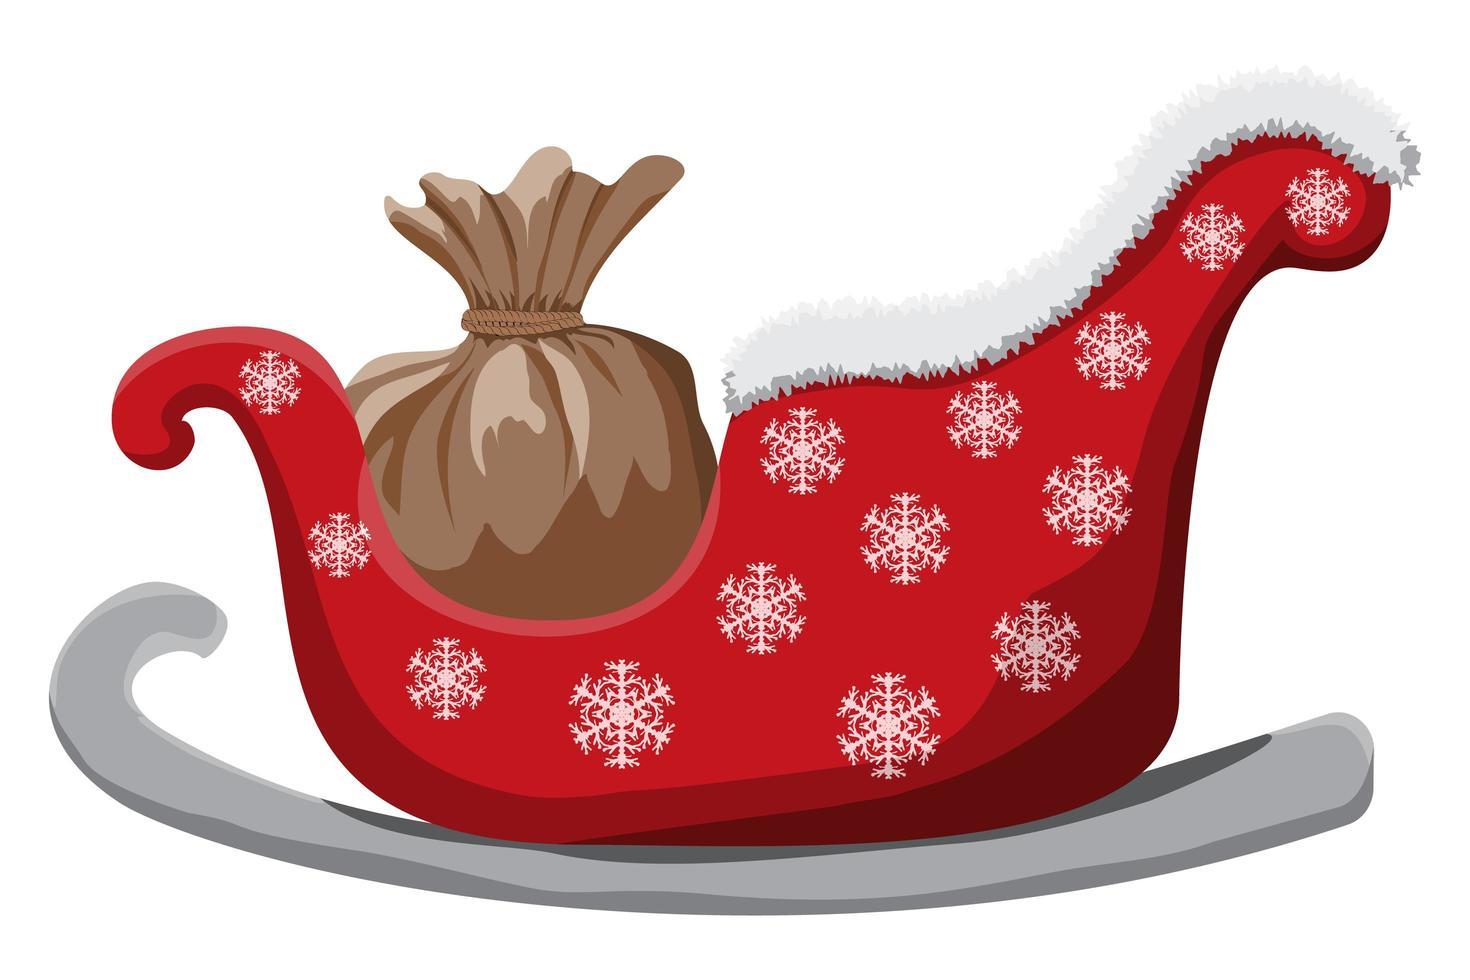 Trineo de Navidad aislado sobre fondo blanco. vector